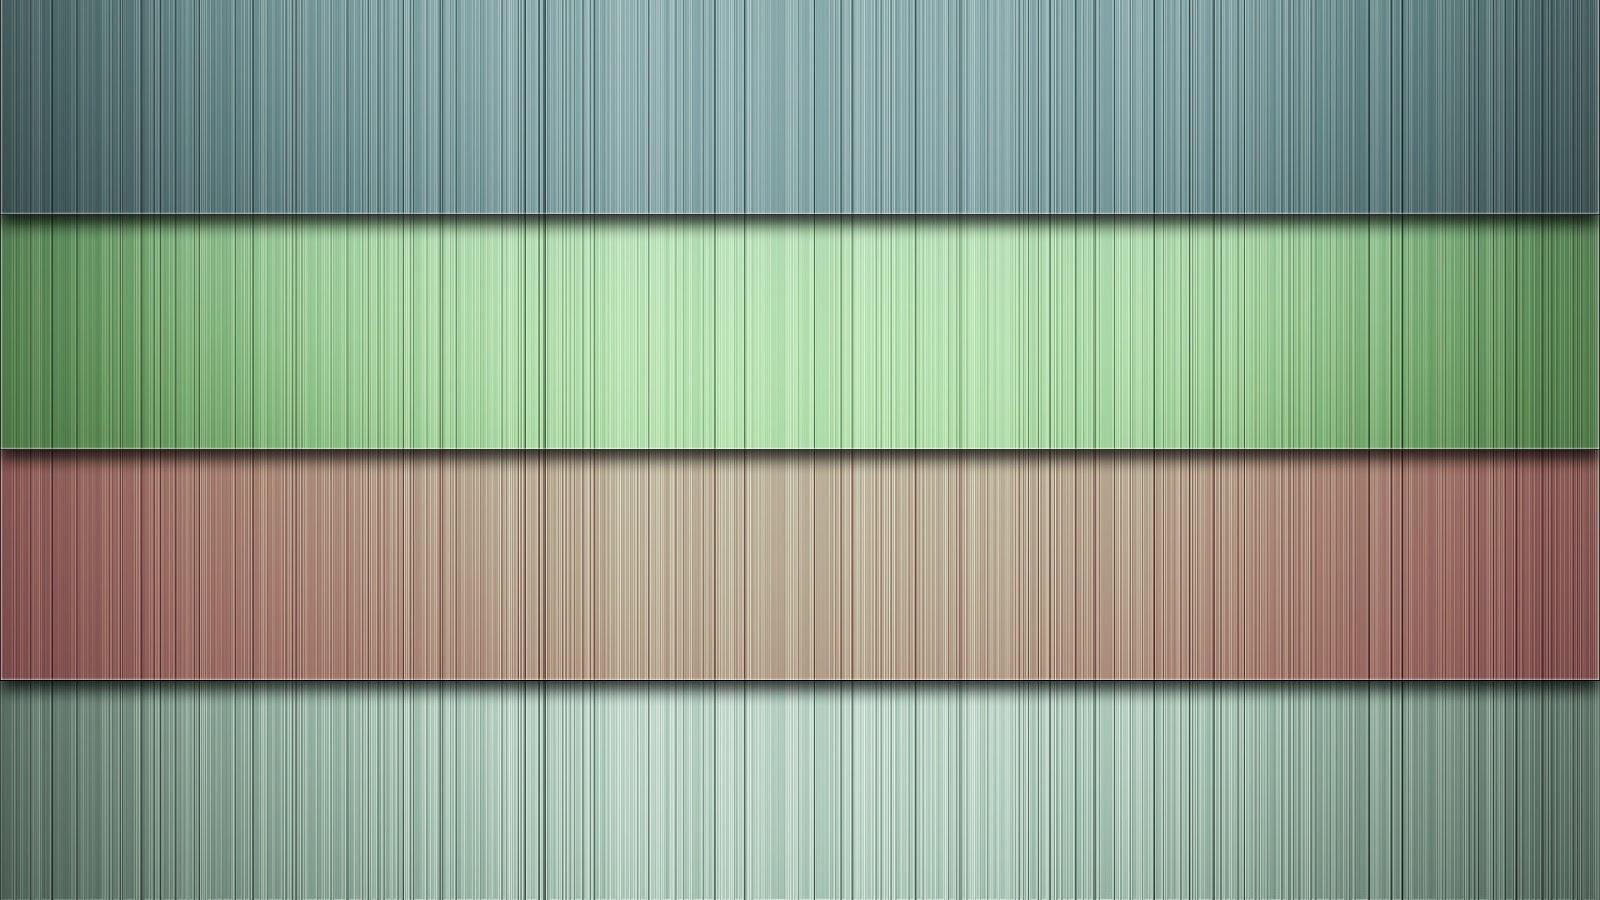 Imagenes Hilandy: Fondo Pantalla Abstractos HD Cuadros Colores